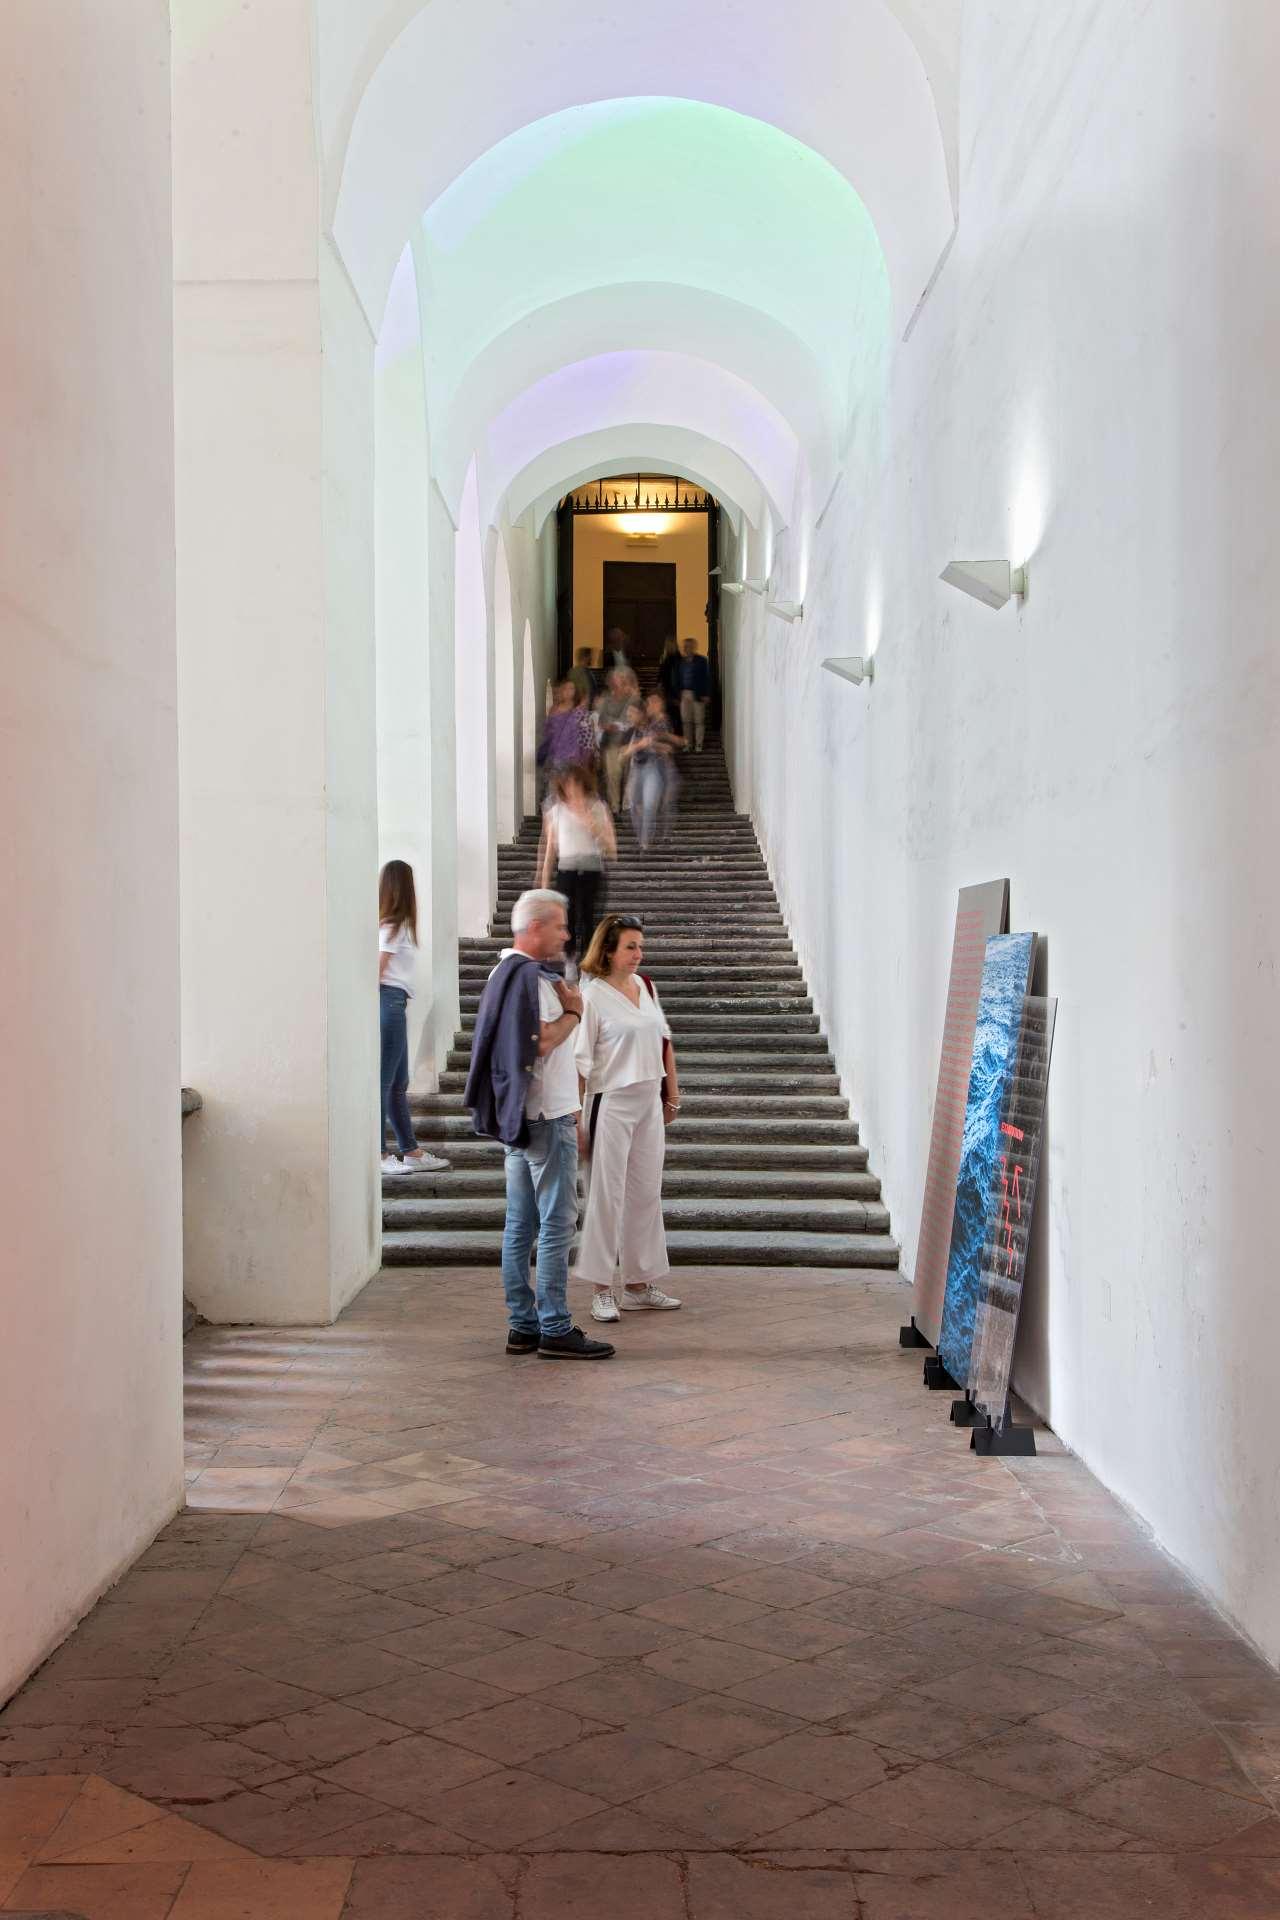 EDIT Napoli,Entrance stairway to the first floor of the S Domenico Maggiore Complex.Photo © Roberto Pierucci.